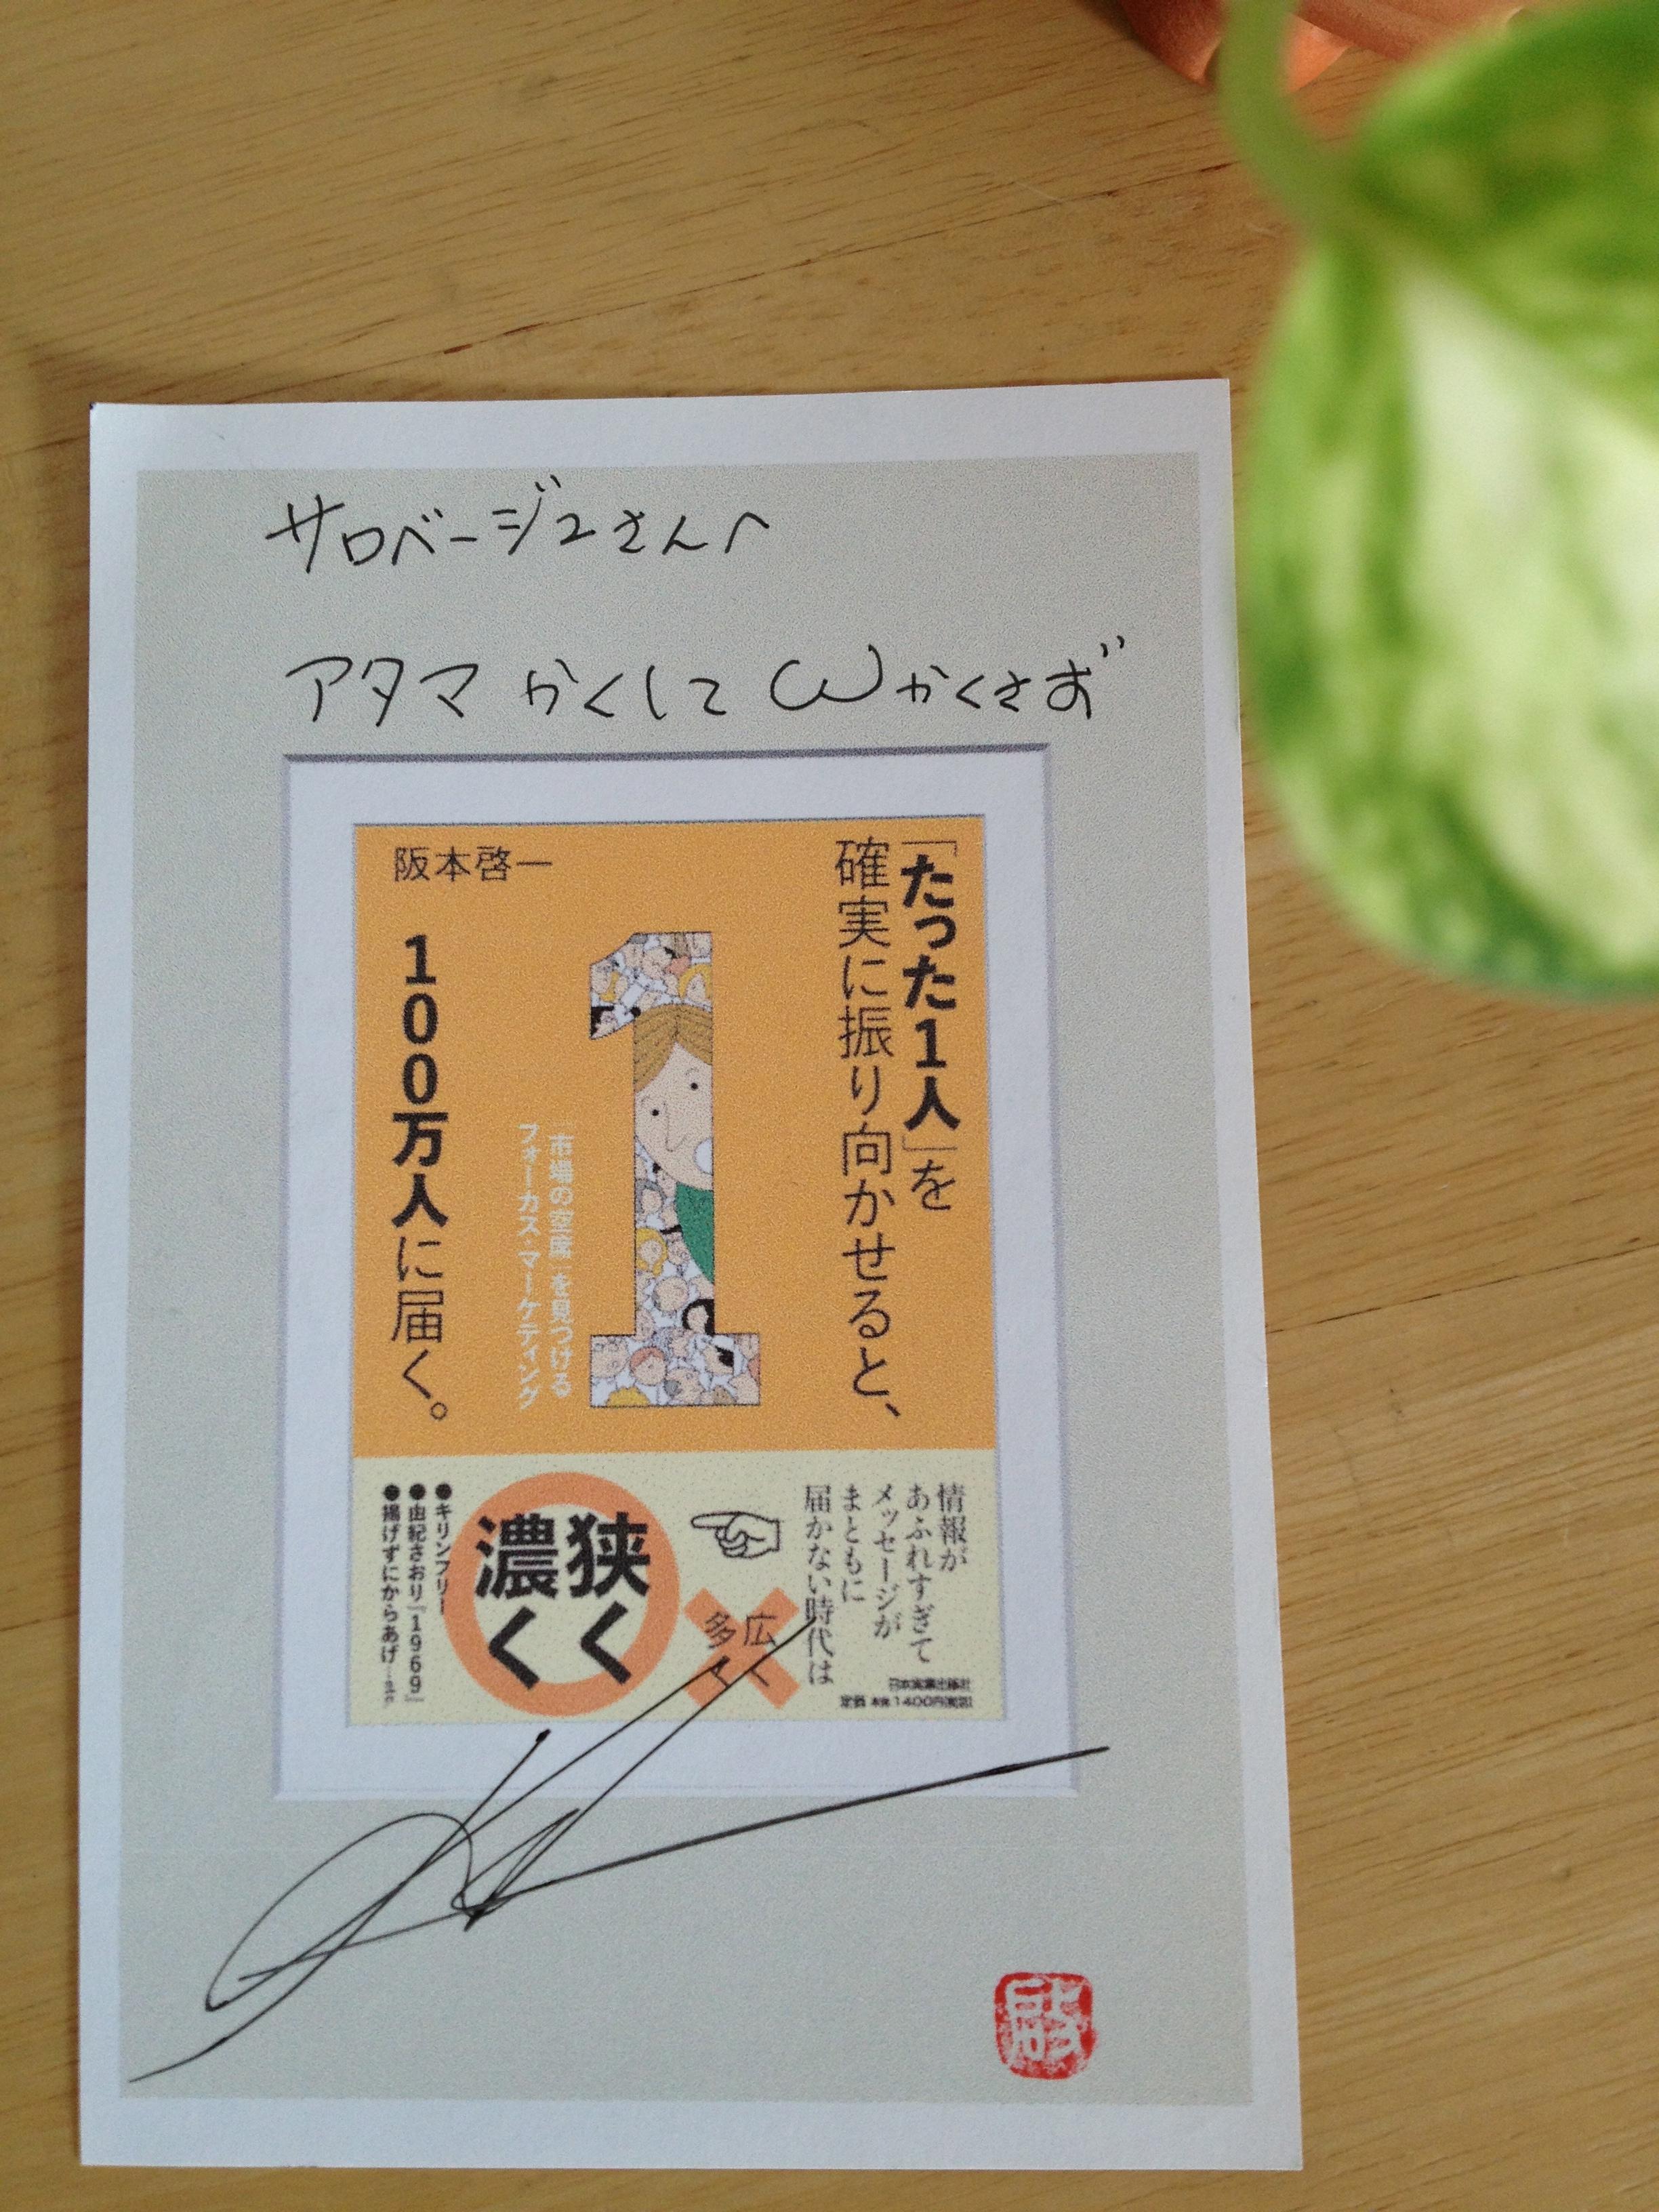 こんなしおりカードが届きます。あなたの名前とメッセージ、阪本サイン入り!